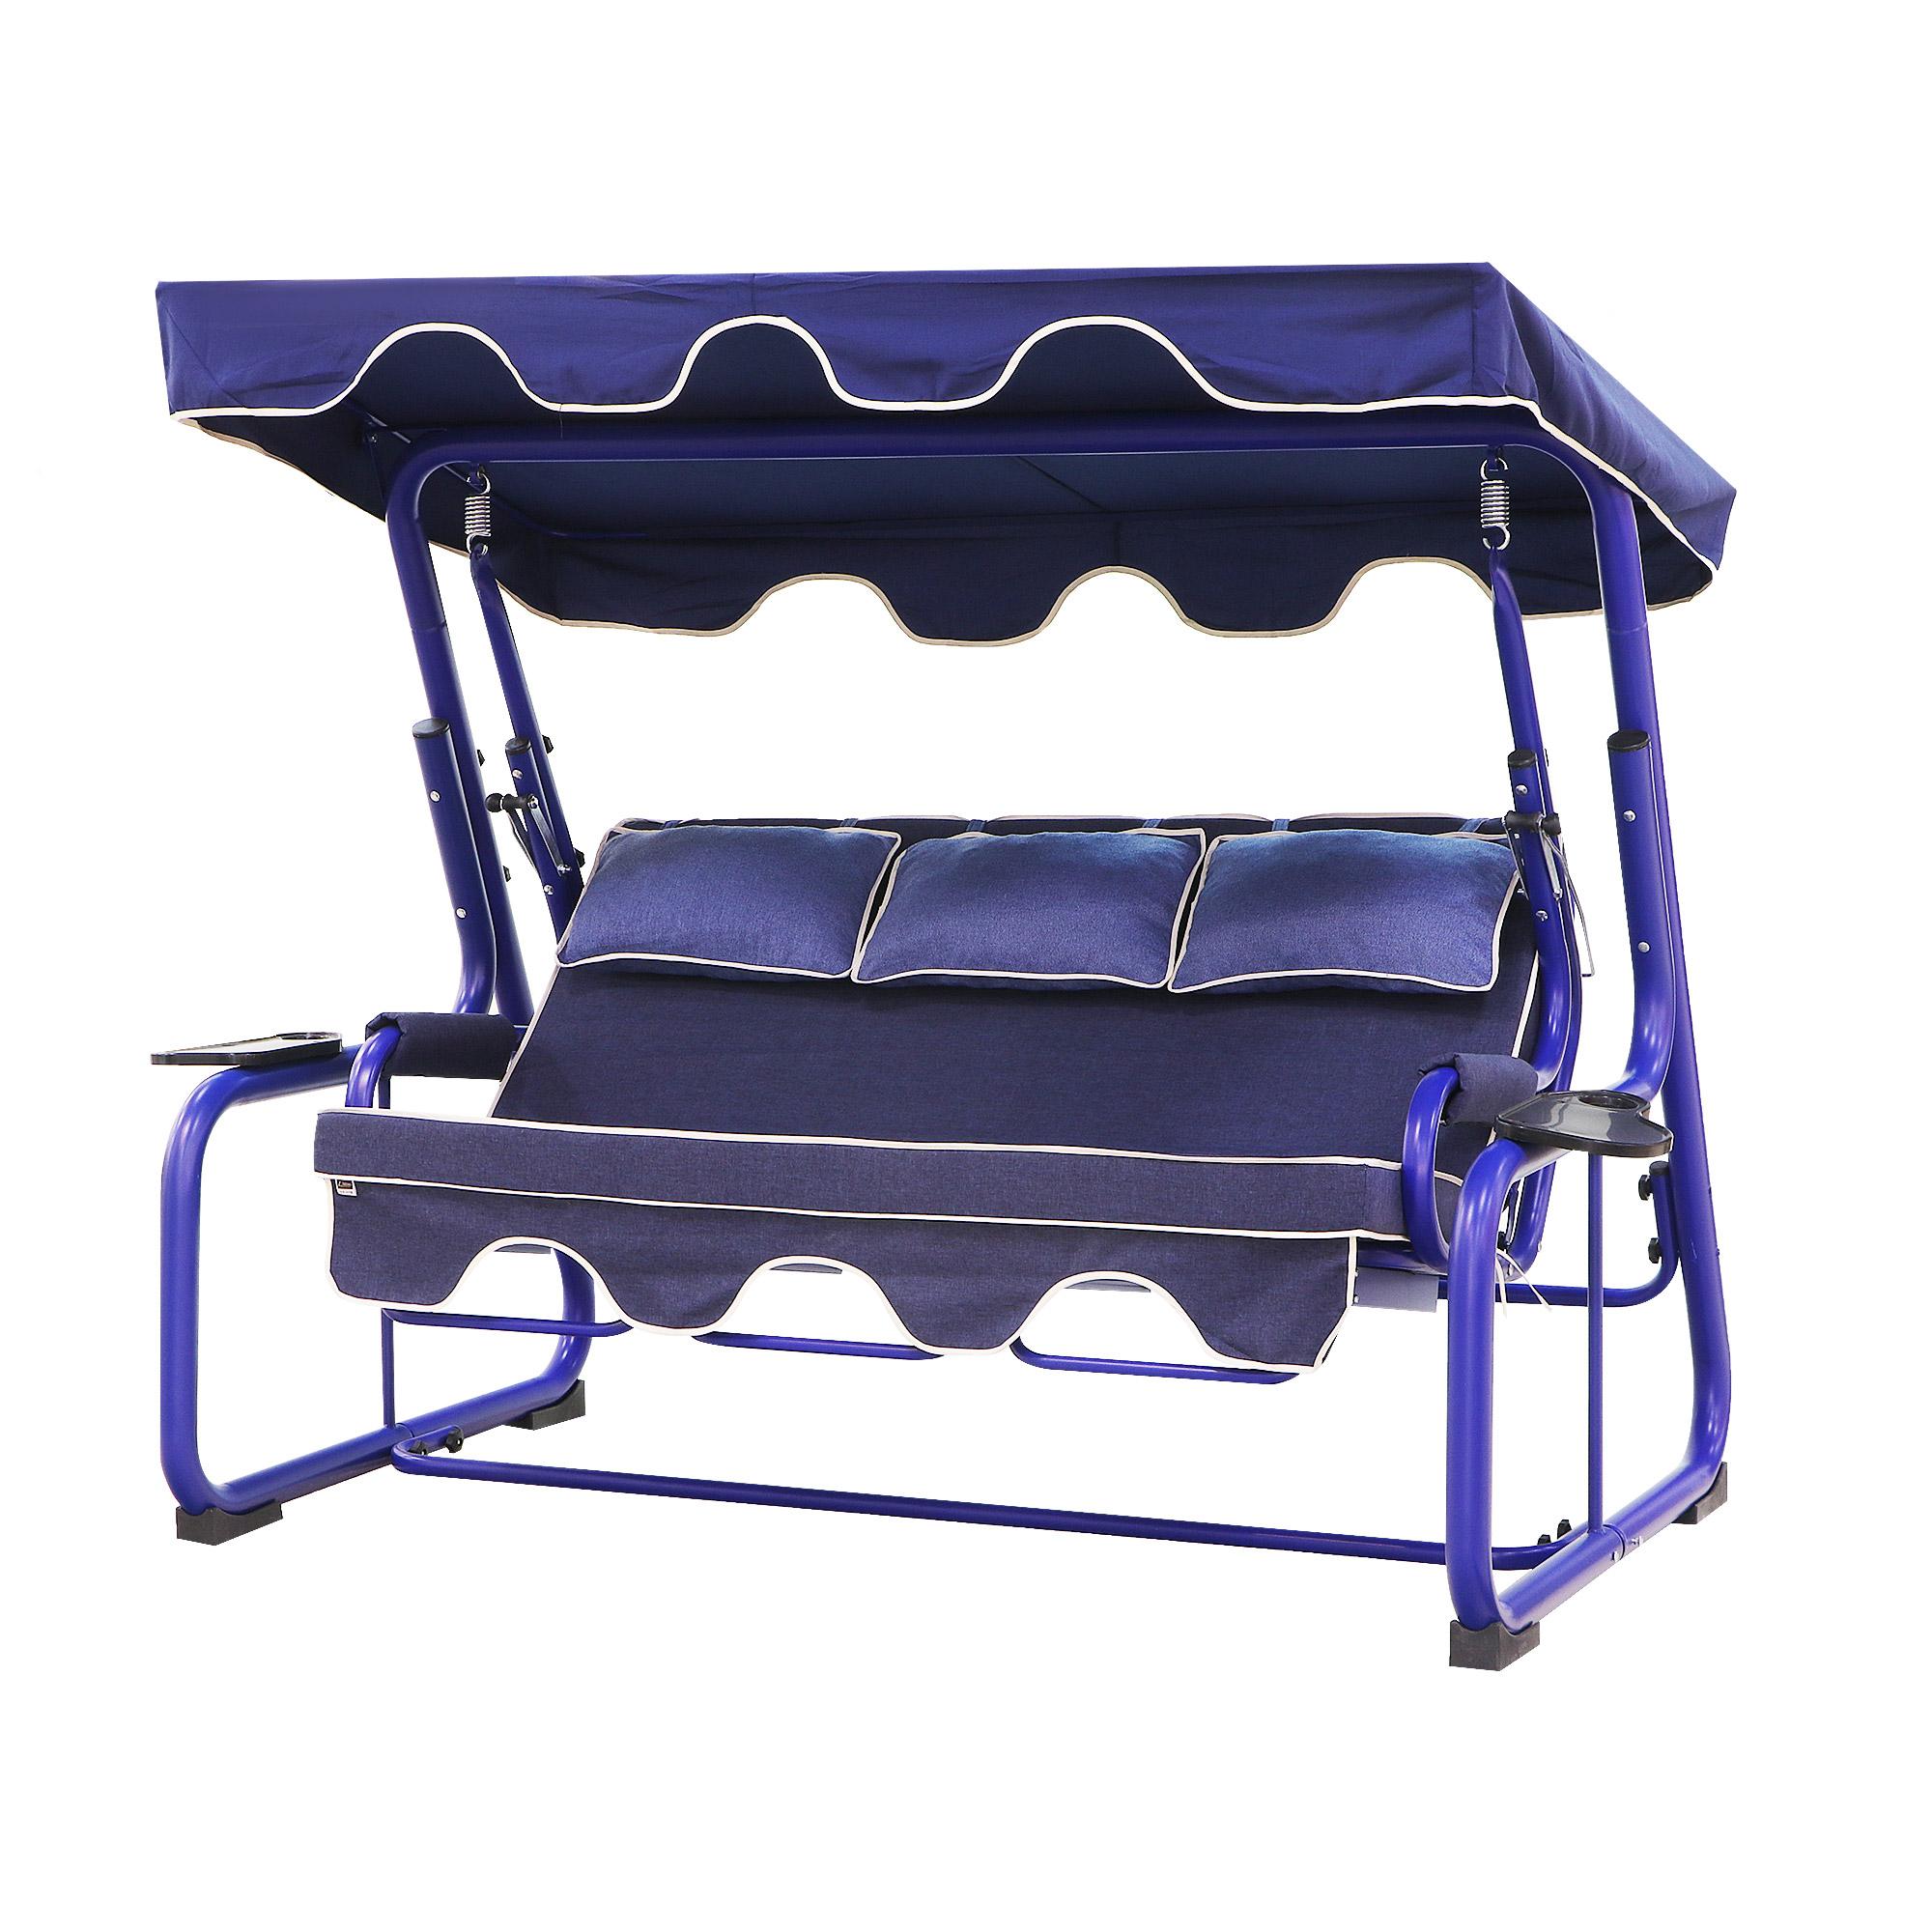 Диван-качели 3-местный Erinoz UC20060BL-FM мебель для дачи